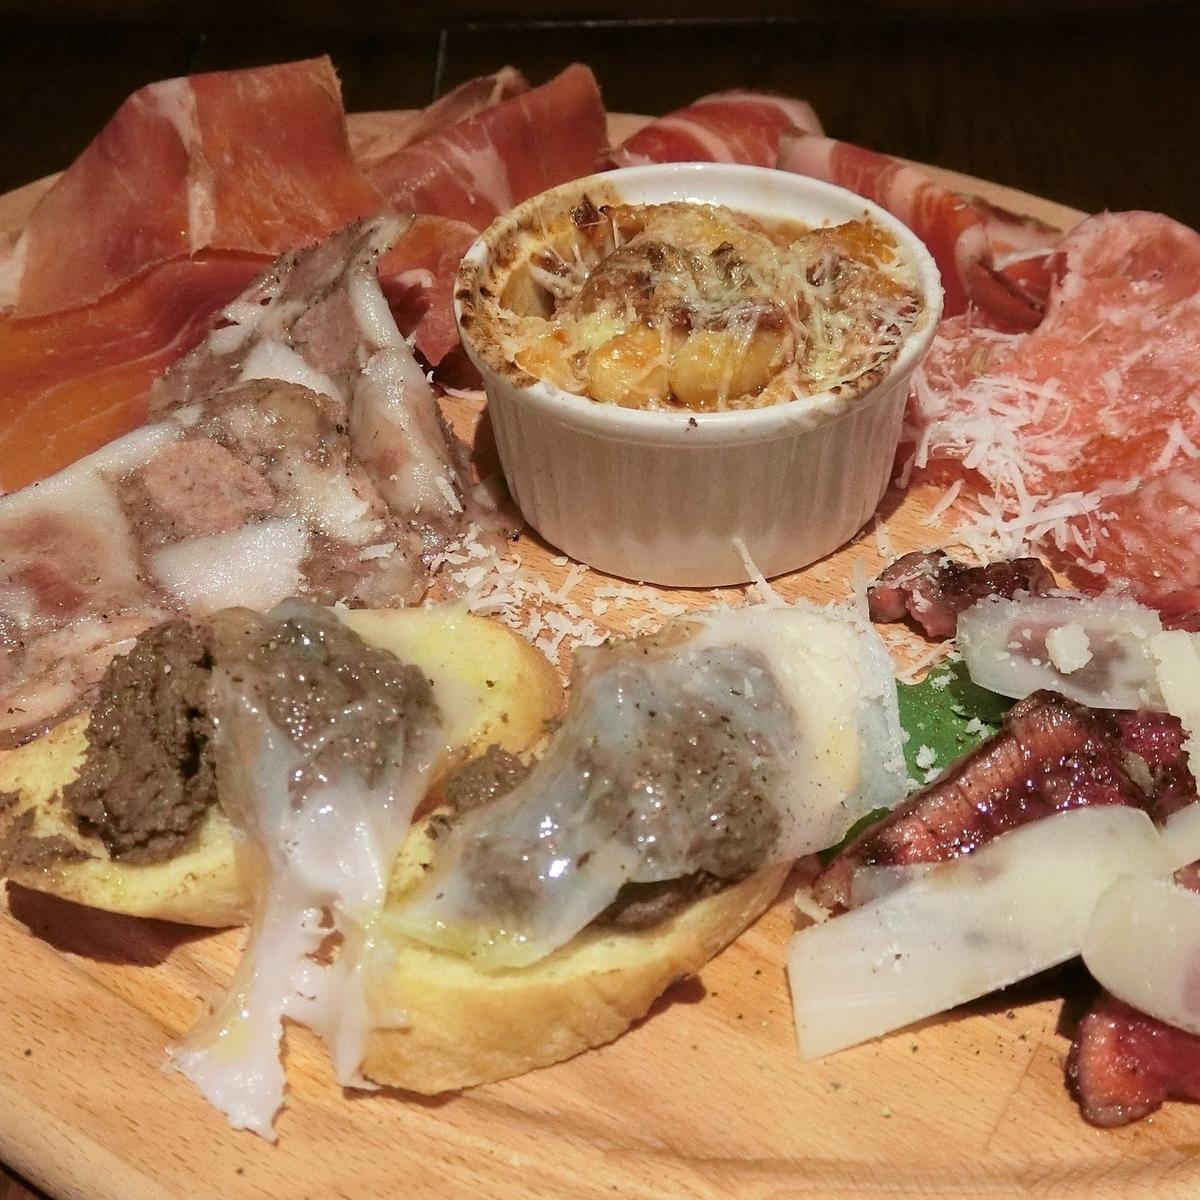 イタリア産生ハム、サラミとトスカーナ郷土料理の前菜盛り合わせ